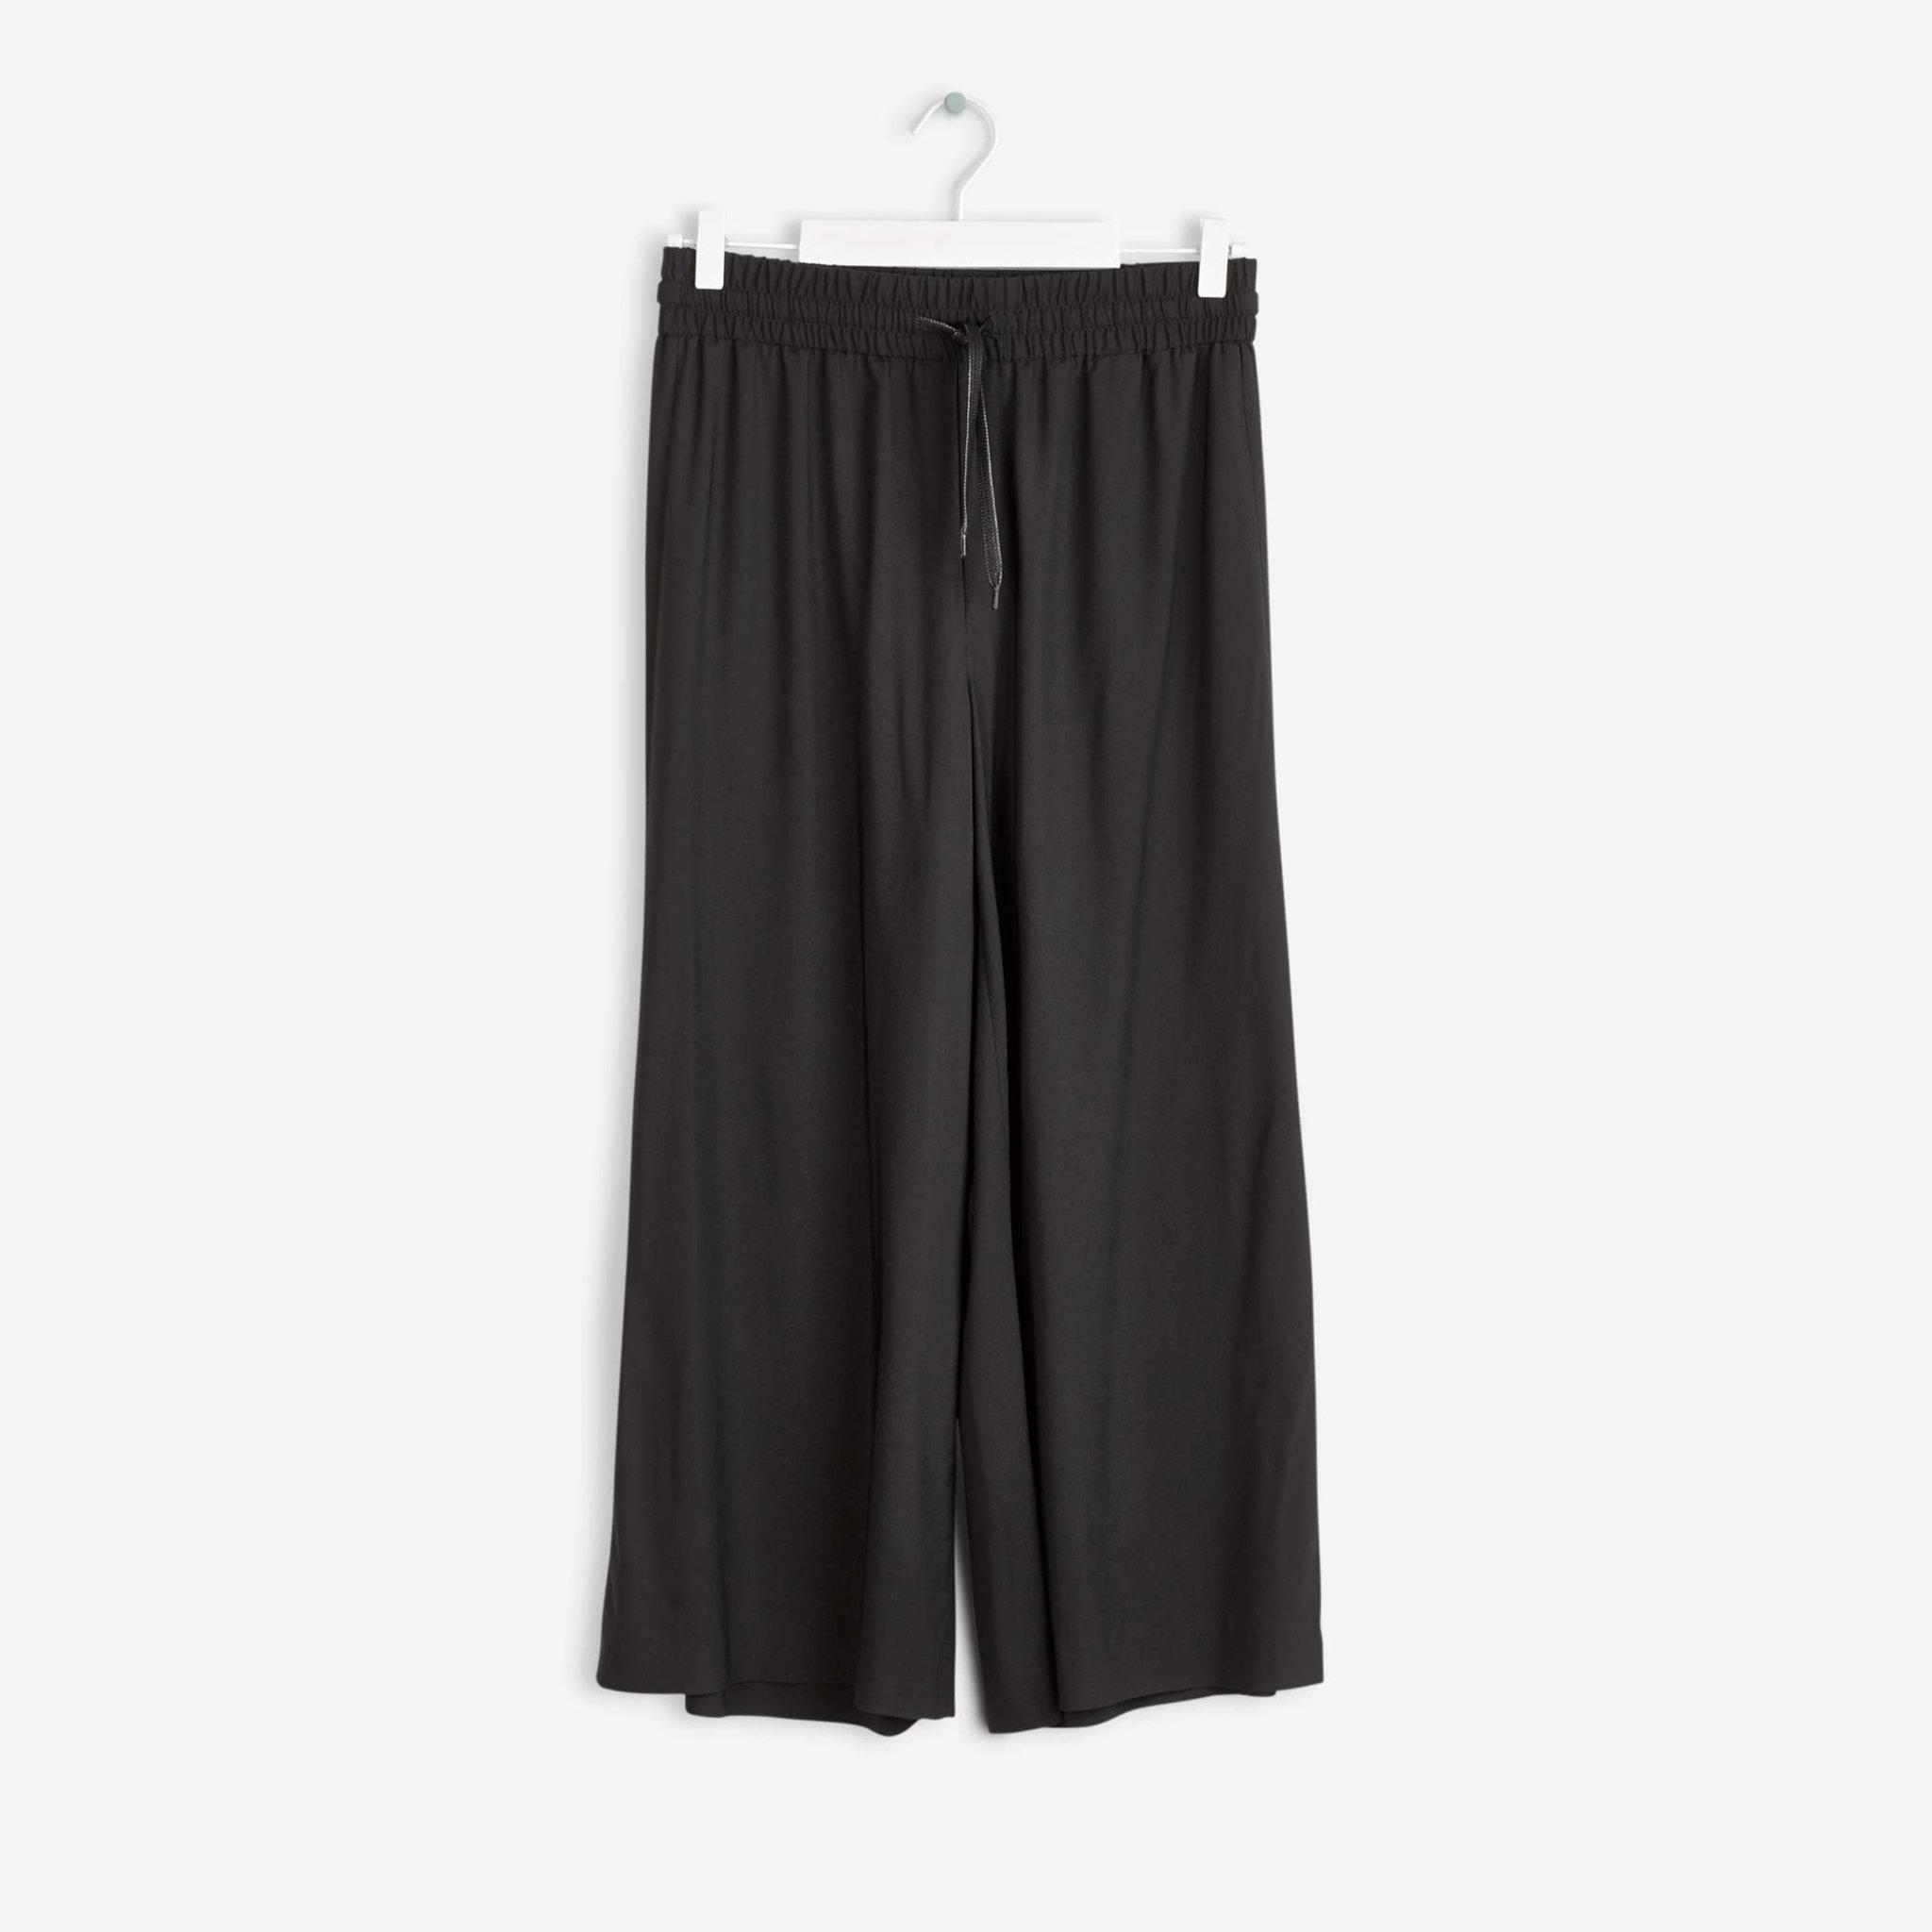 Trousers Adie Wide Cropped Pants - Byxor - Köp online på åhlens.se! 2e1b6d45ed938